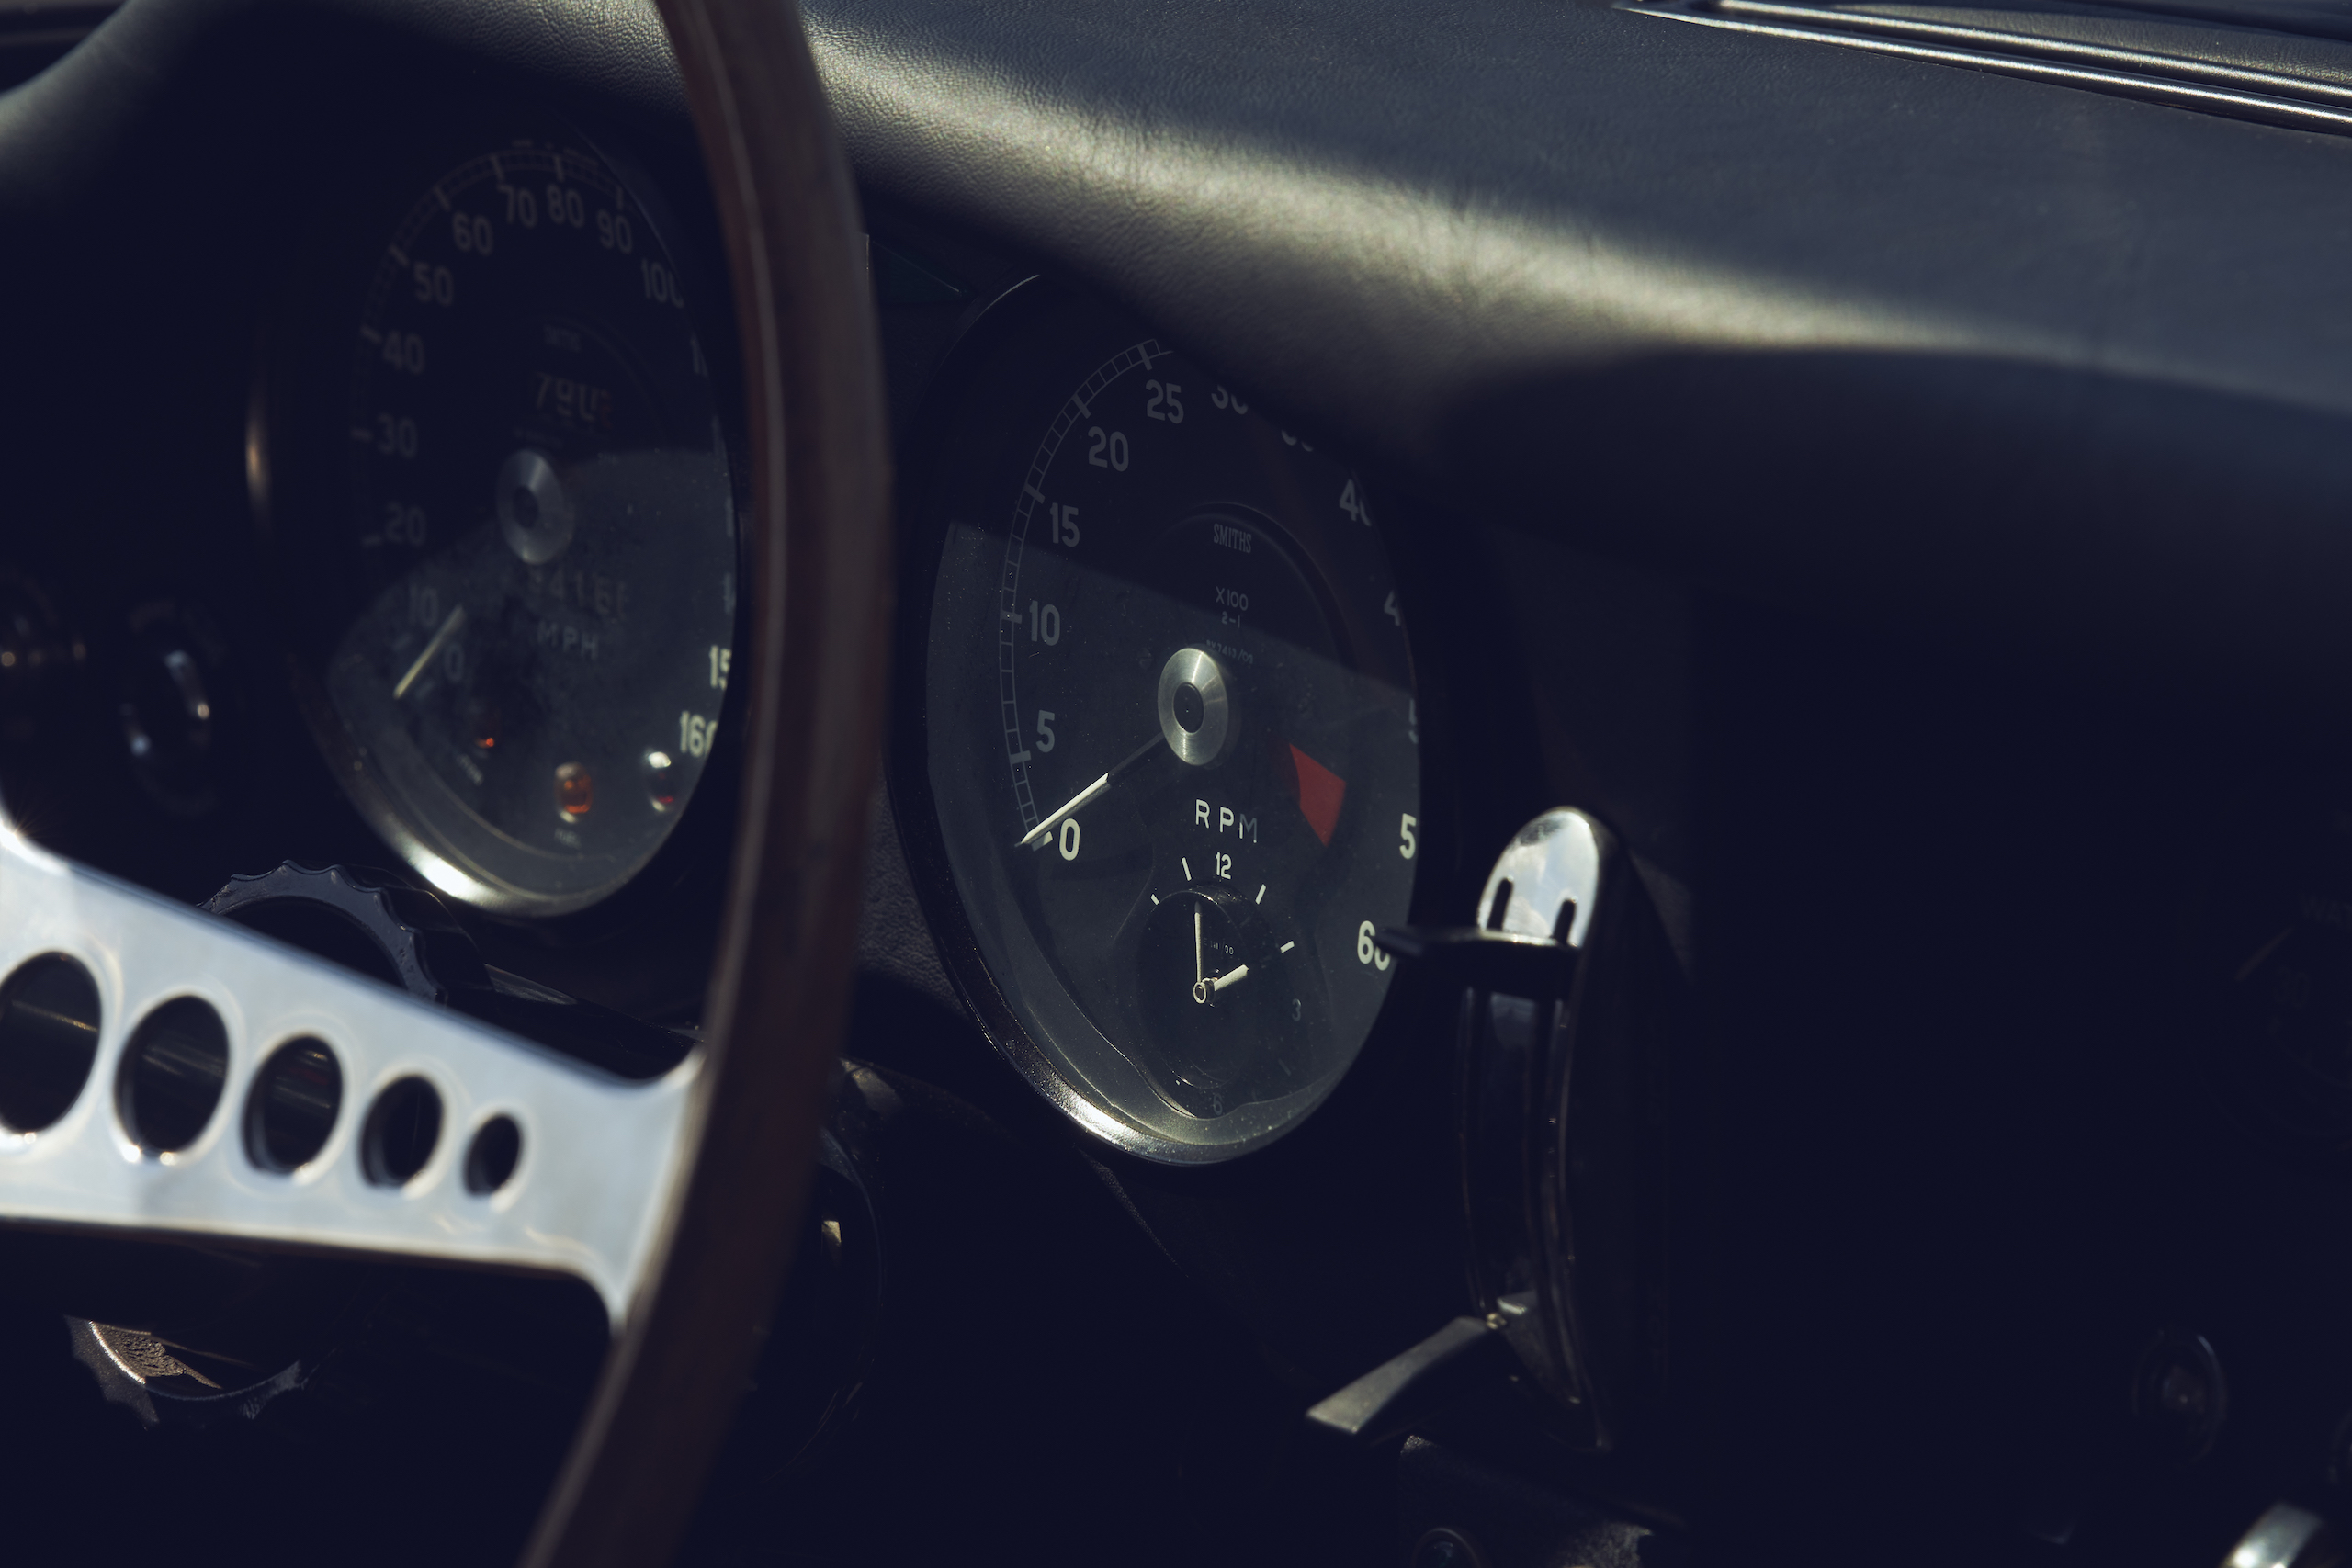 Jaguar E-Type tach gauges